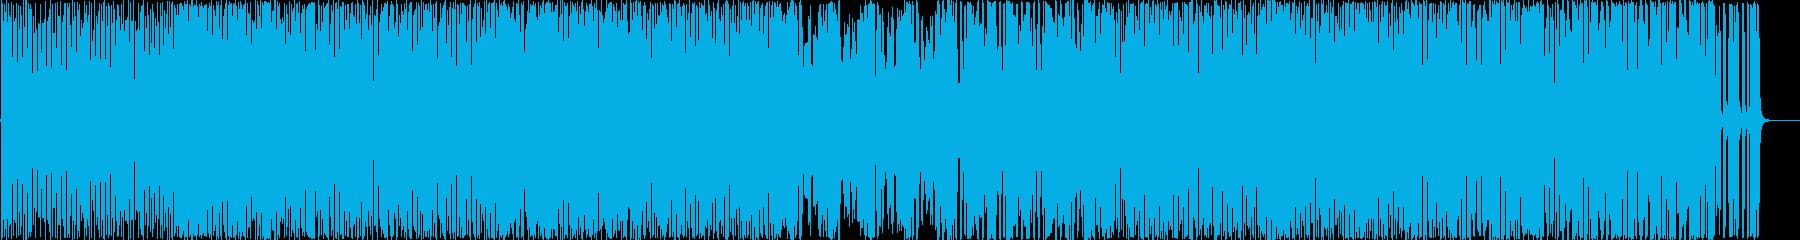 シイタケのイメージソングの再生済みの波形